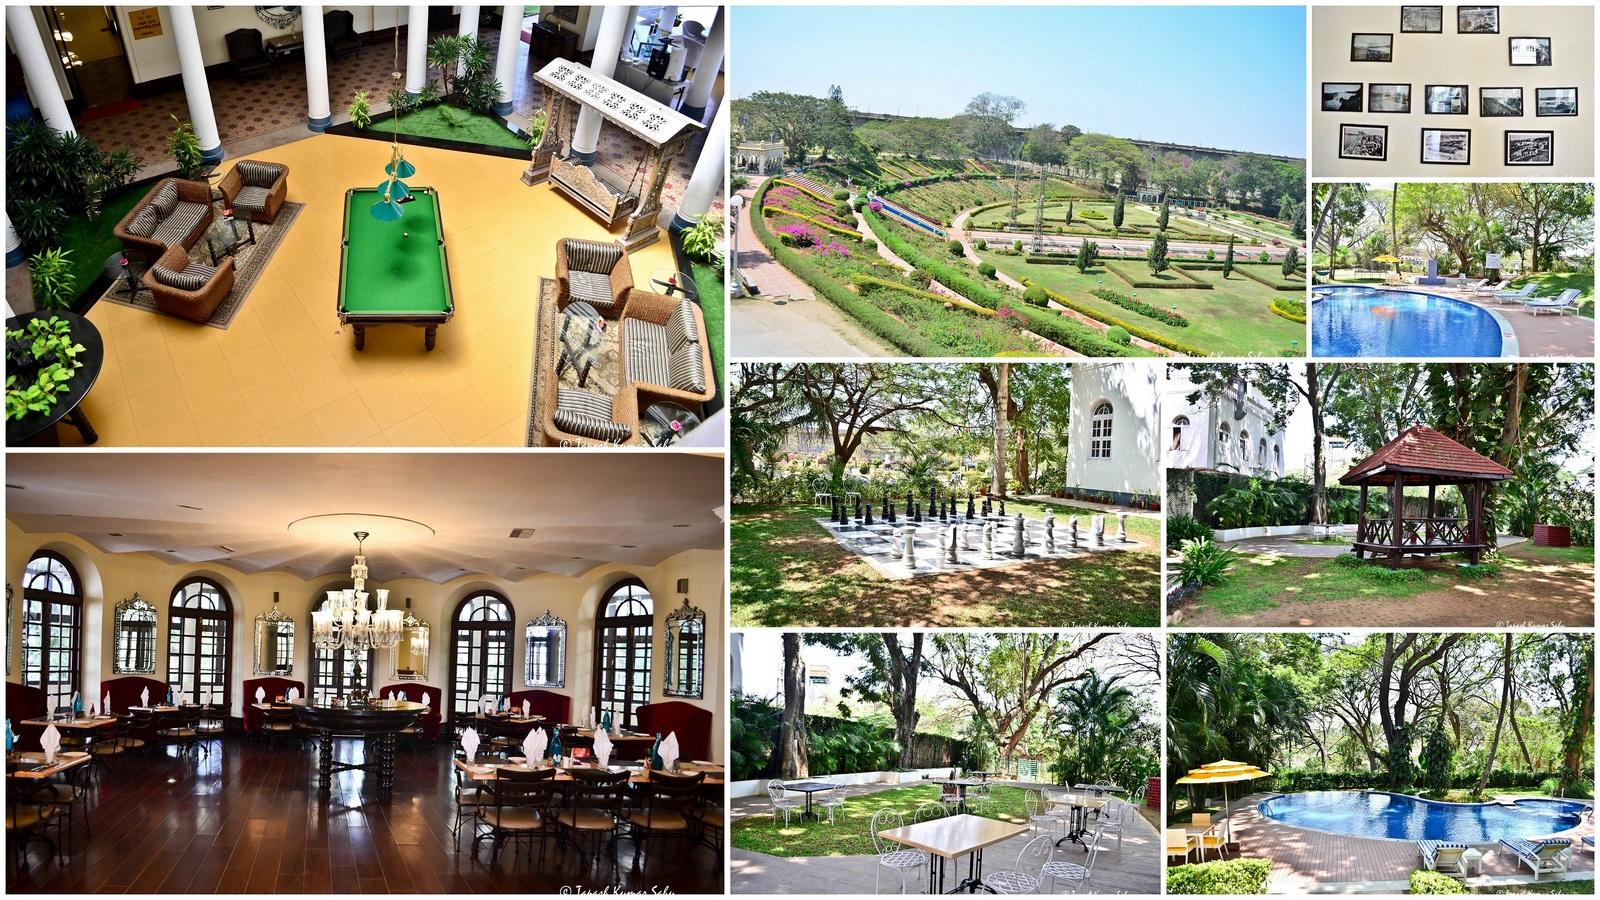 Royal Orchid Brindavan Garden